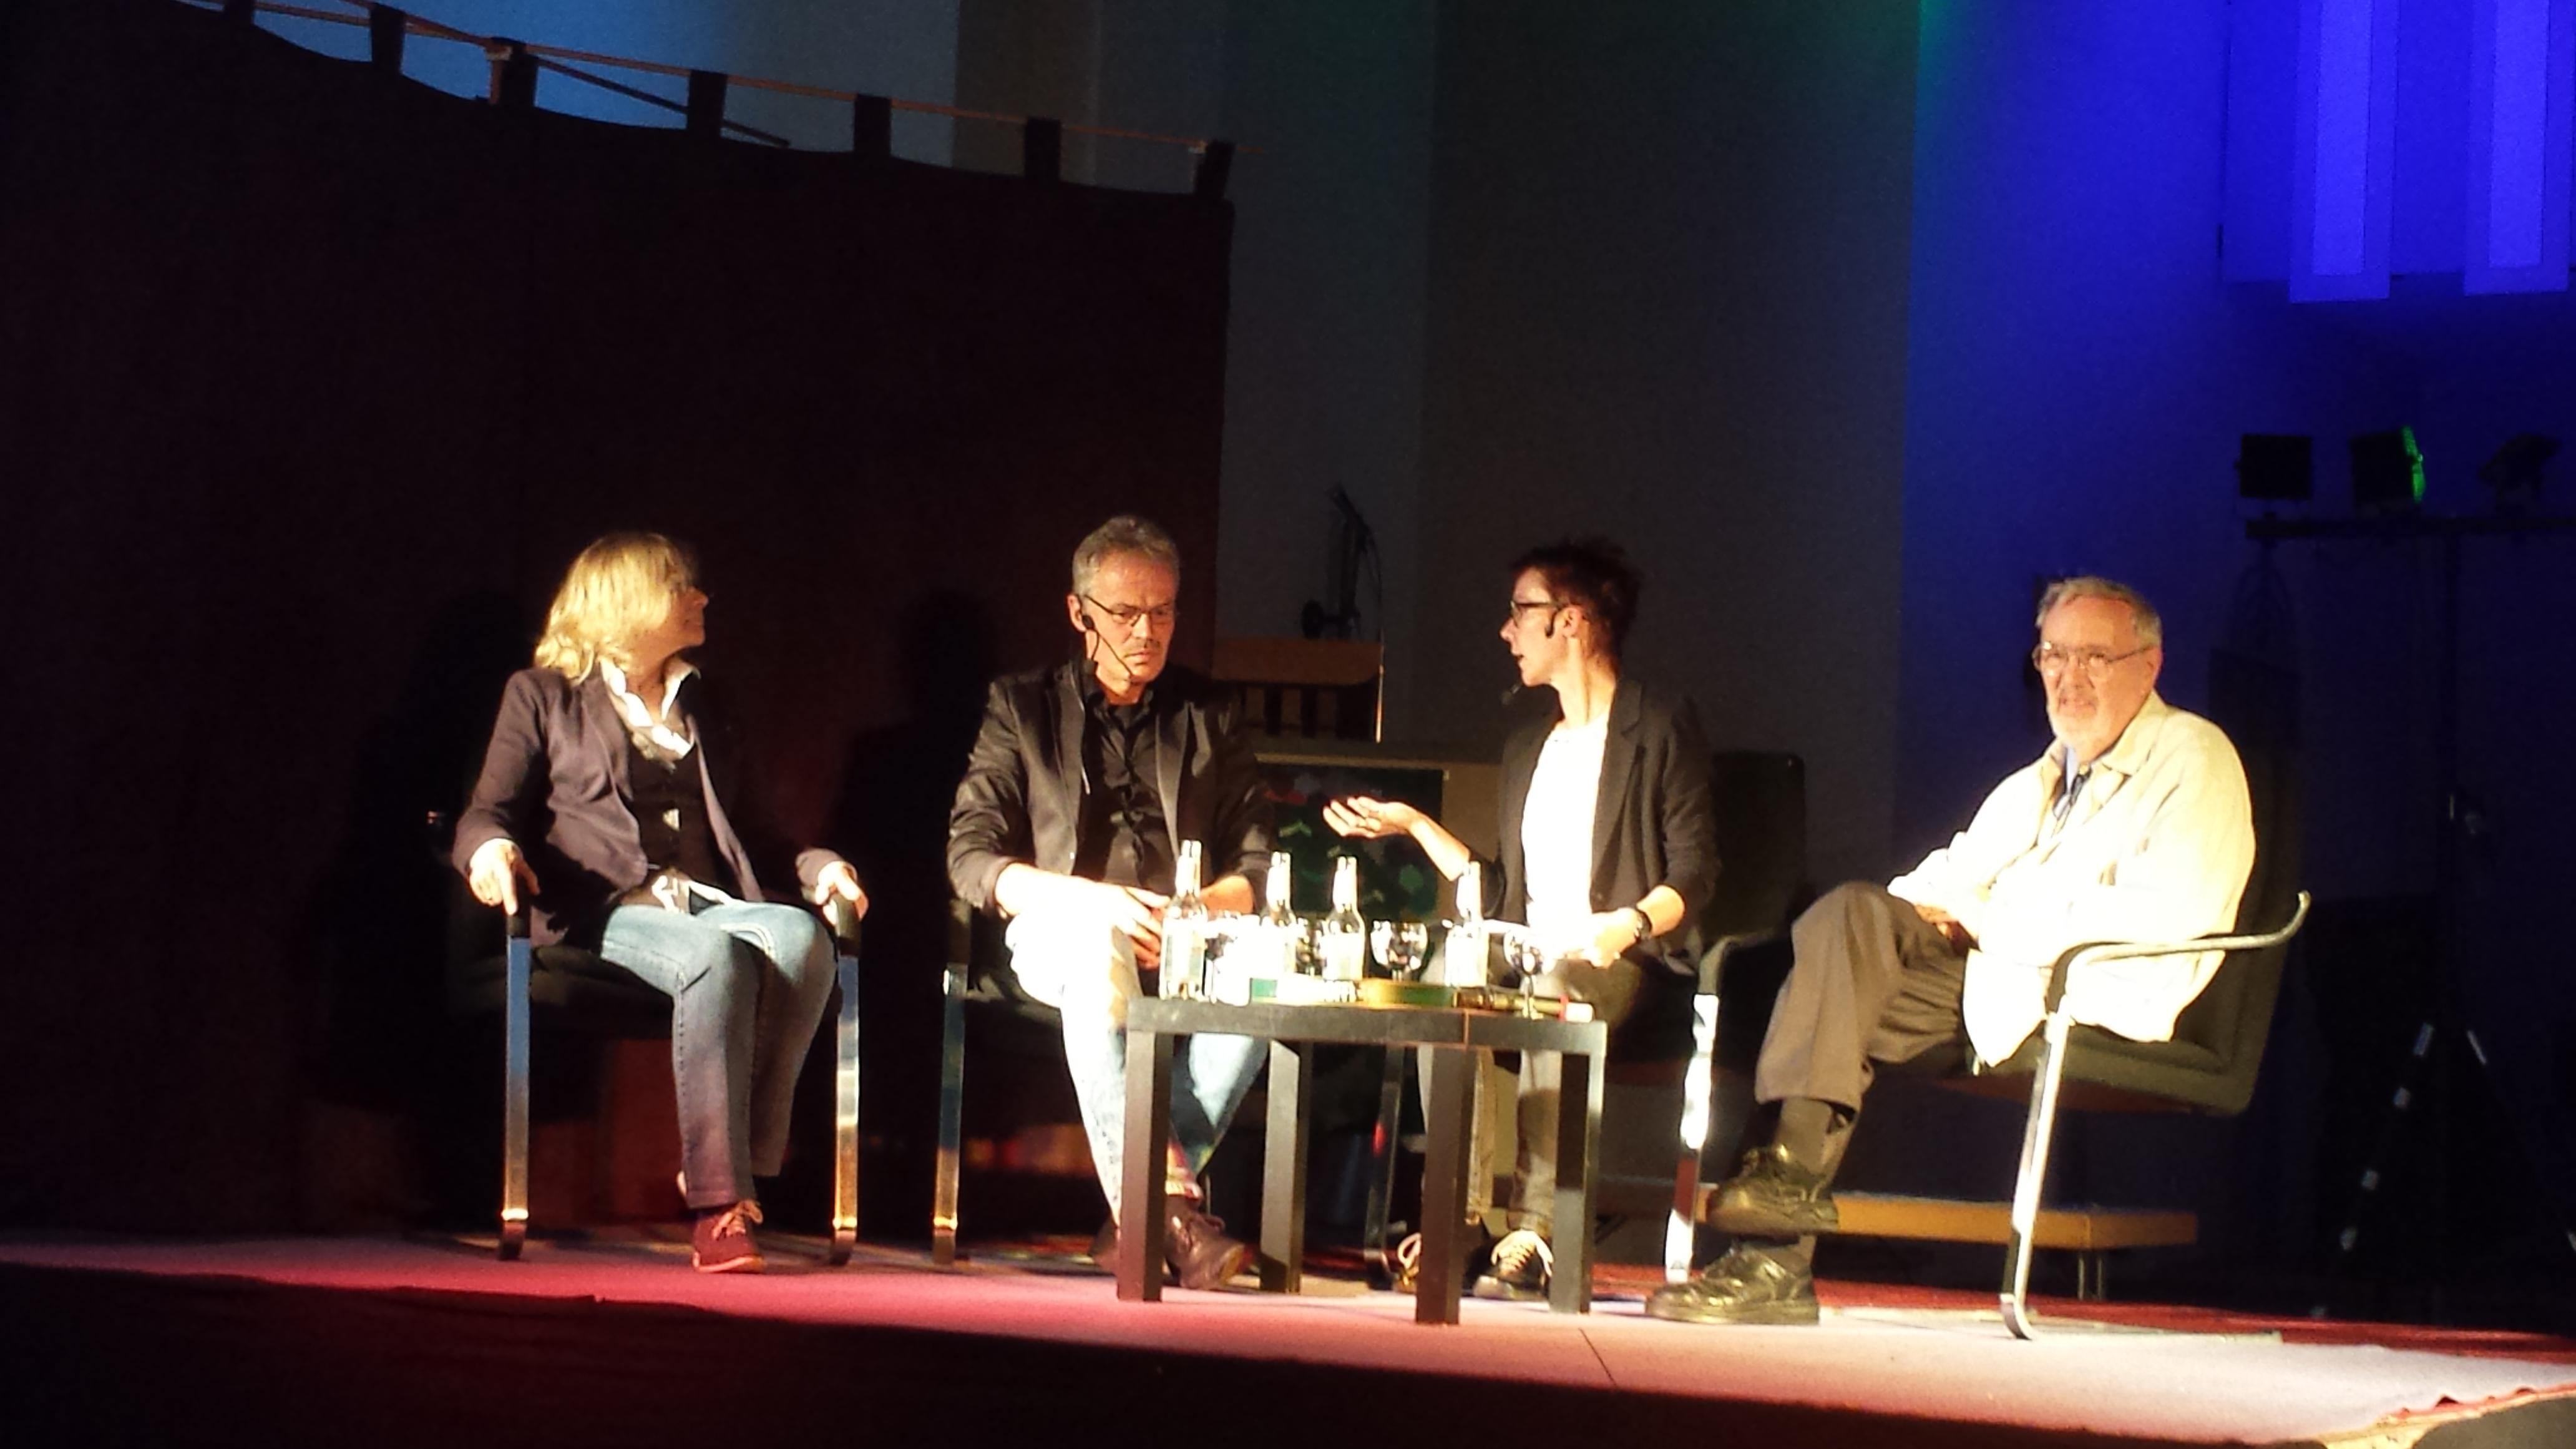 Sprachen am Sonntag in der Dortmunder Pauluskirche über Sterbehilfe (von links nach rechts) Dr. Christa Rogge, Pastor Friedrich Laker, Anja Rogge (Moderation) und Prof. Dr. Franco Rest; Fotos (2): C.-D. Stille